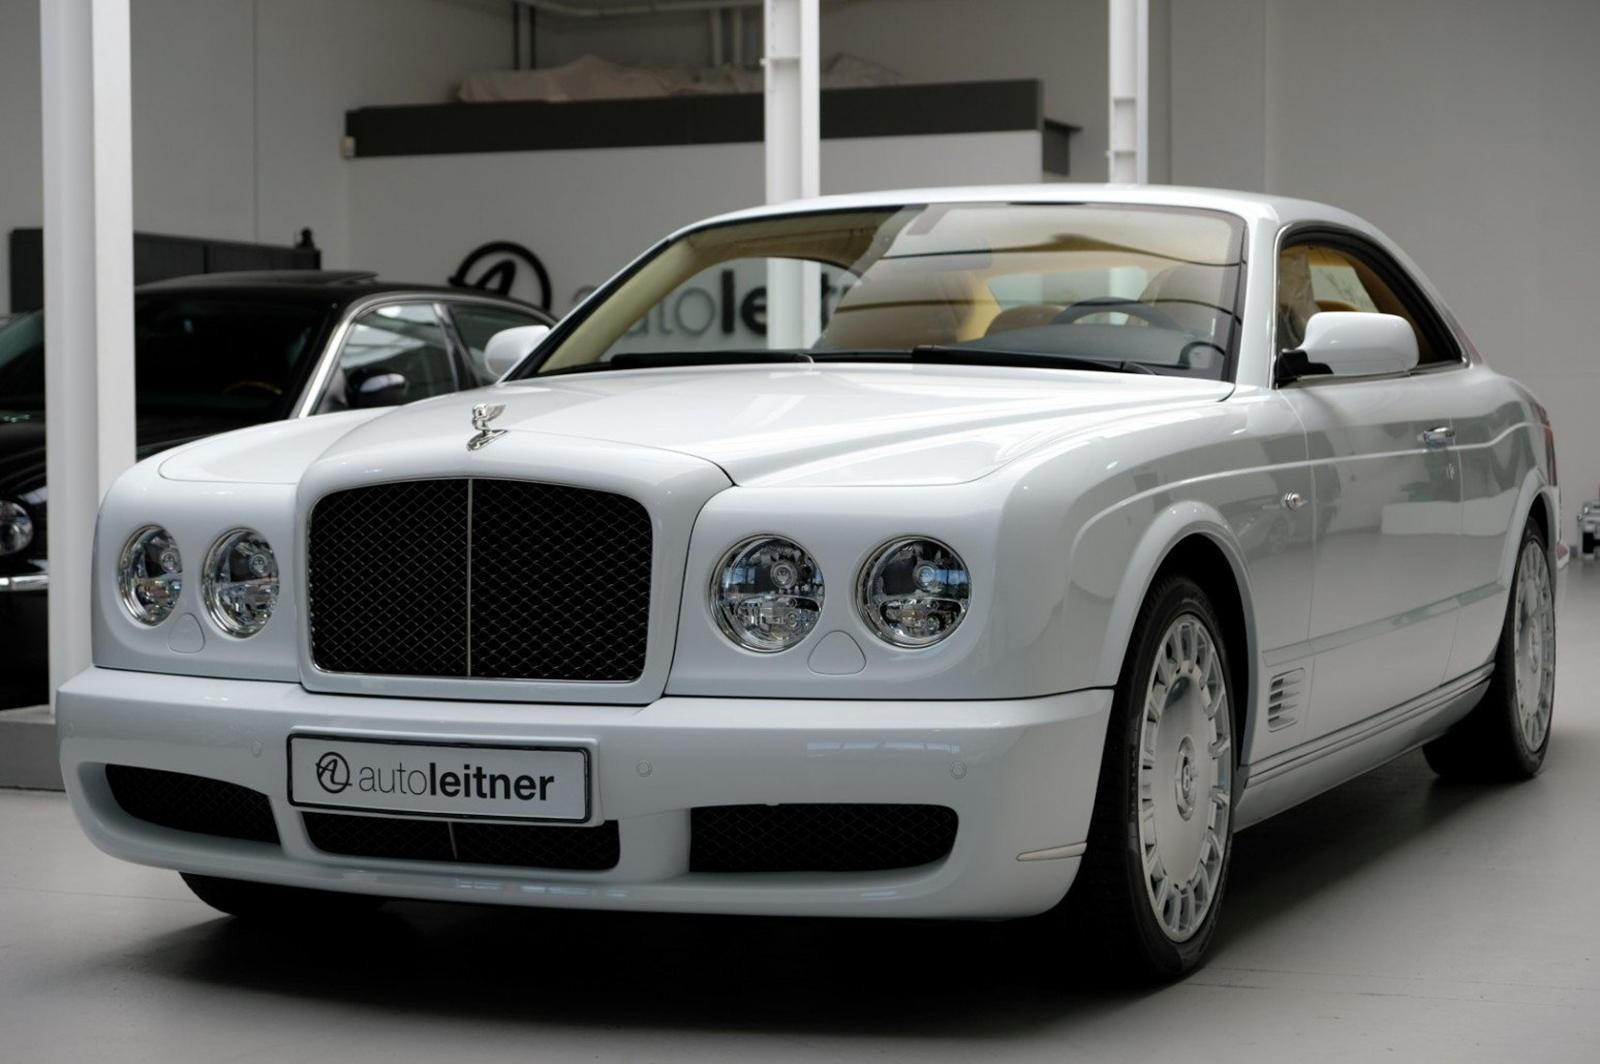 Chiếc Bentley Brooklands này tuy là xe đã qua sử dụng 10 năm nhưng vẫn còn gần như mới